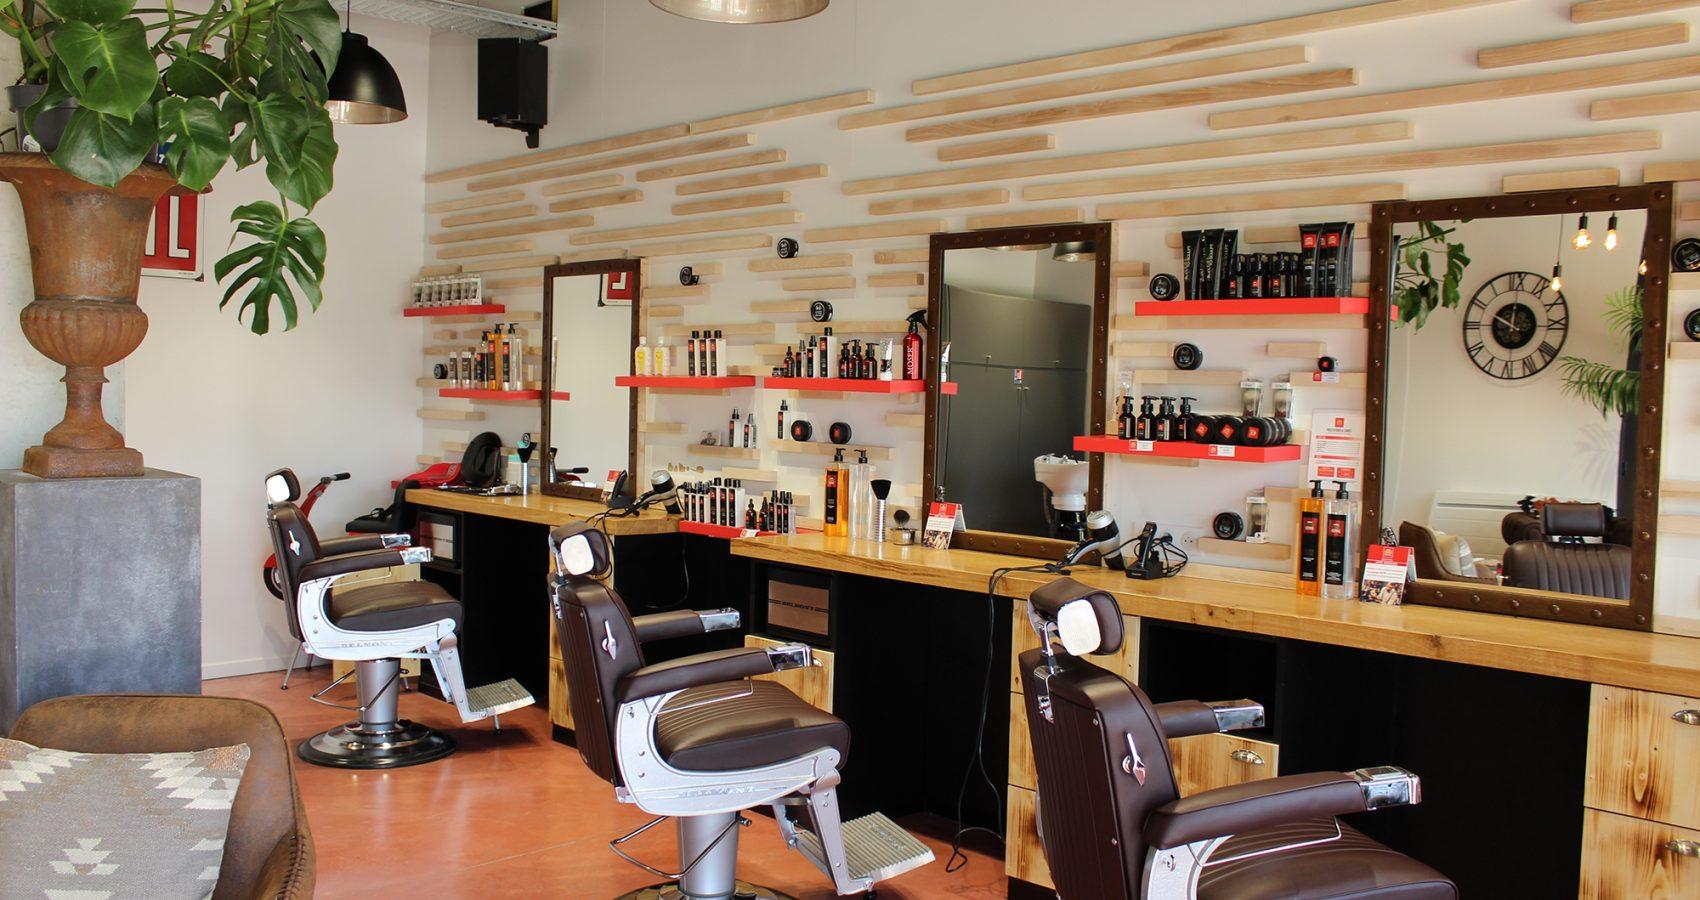 Maxime-homme-page-accueil-barbier-coiffeur-ambroise20